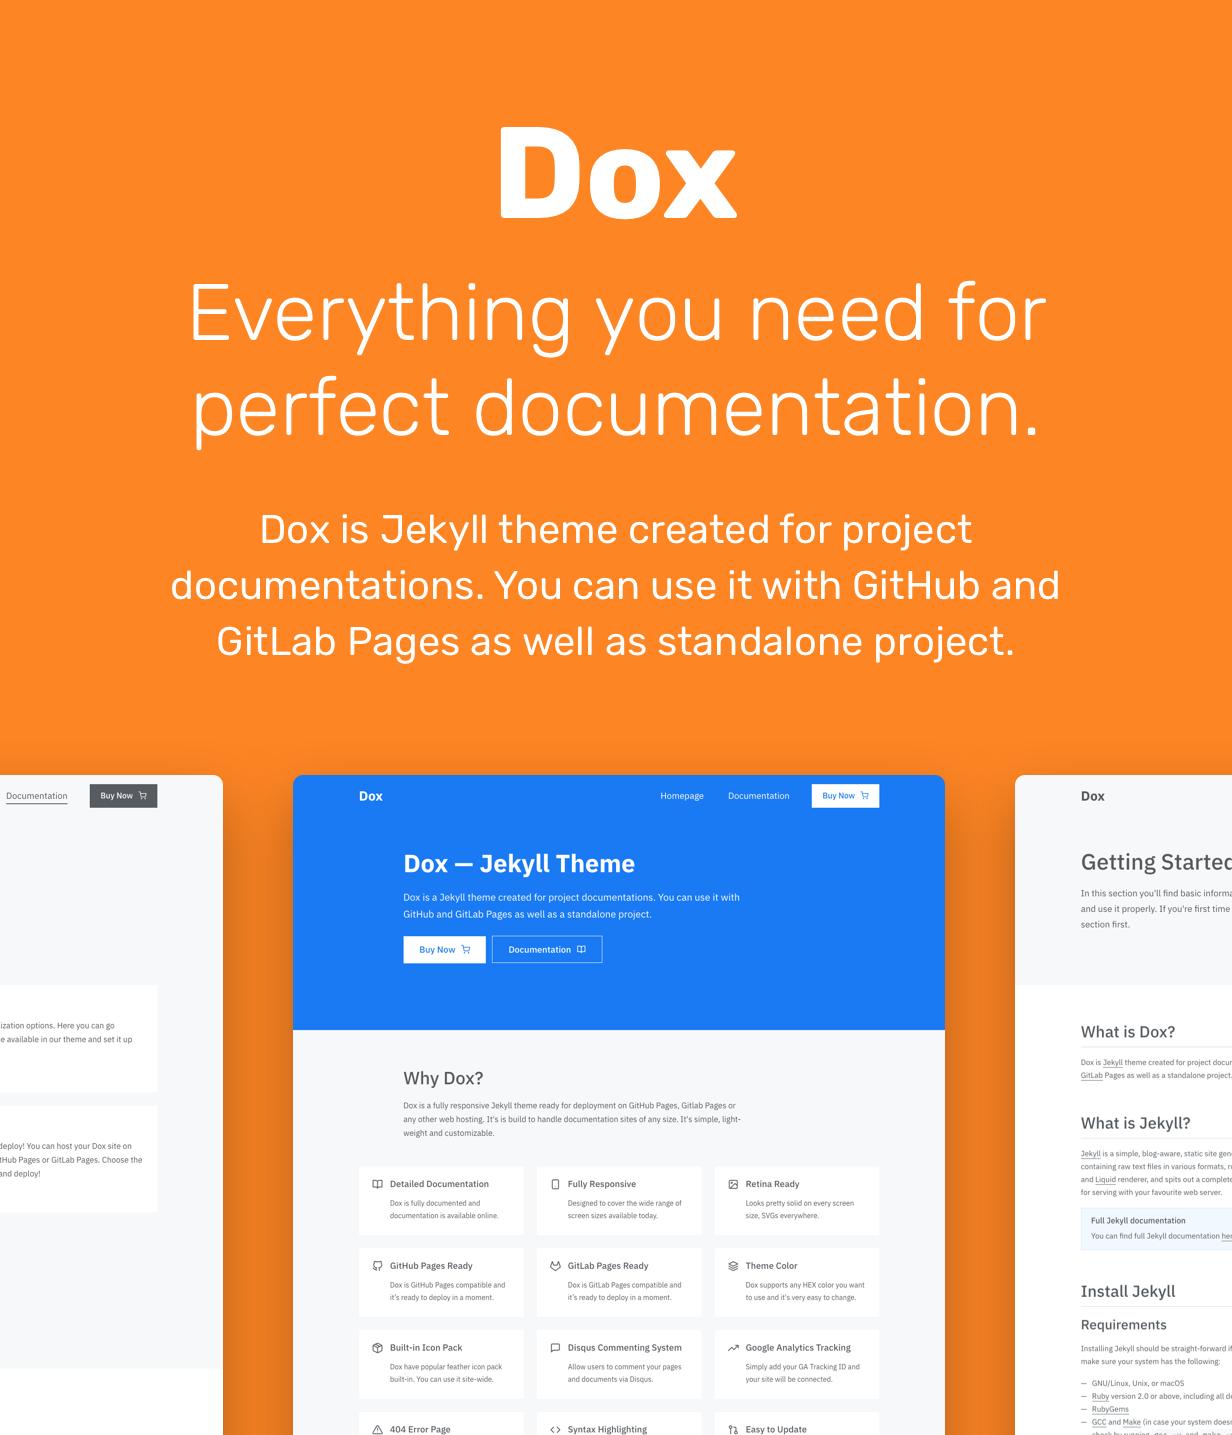 Dox Tool 2019